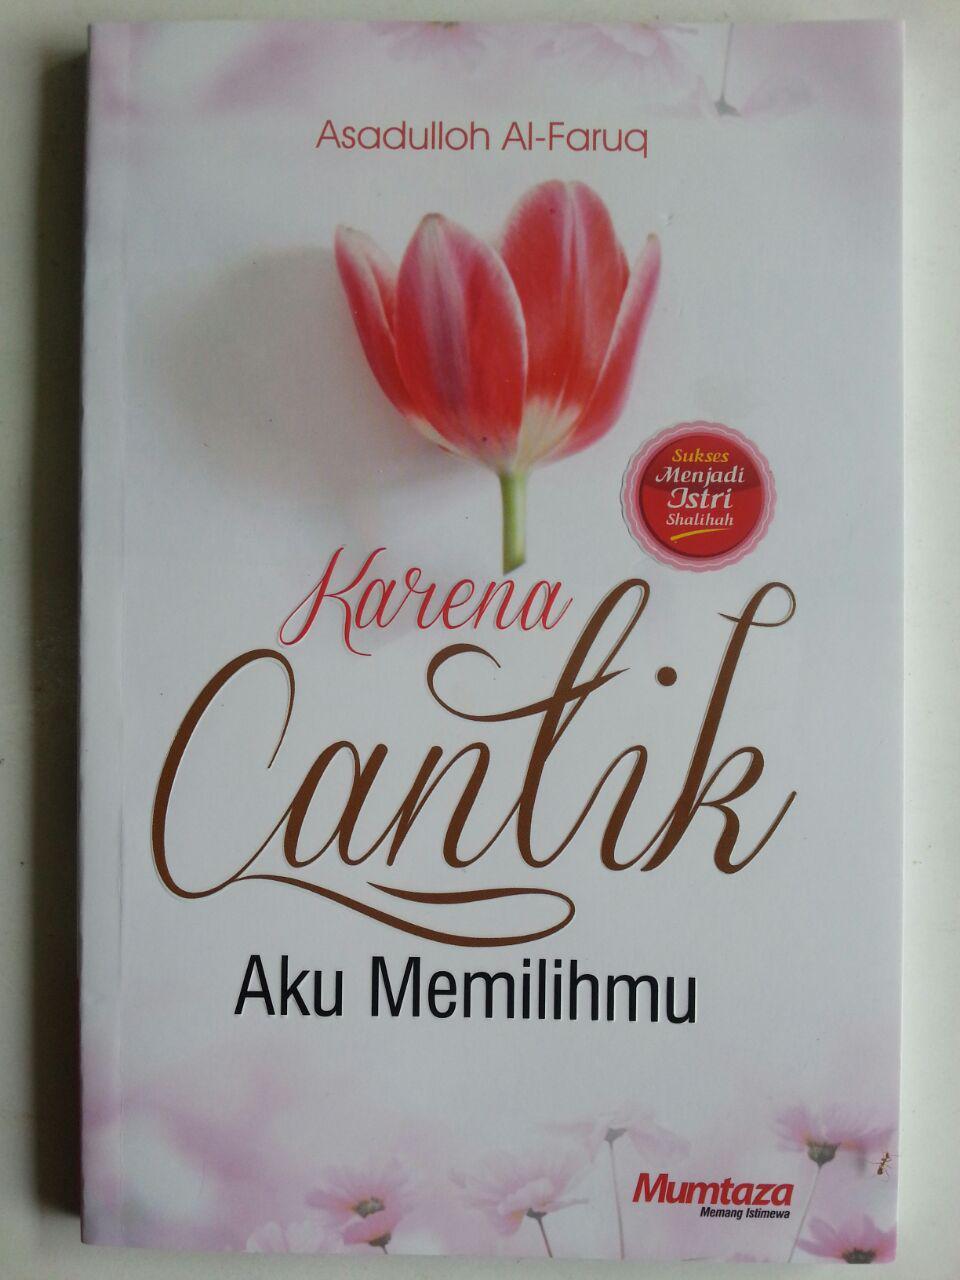 Buku Karena Cantik Aku Memilihmu Sukses Menjadi Istri Shalihah cover 2